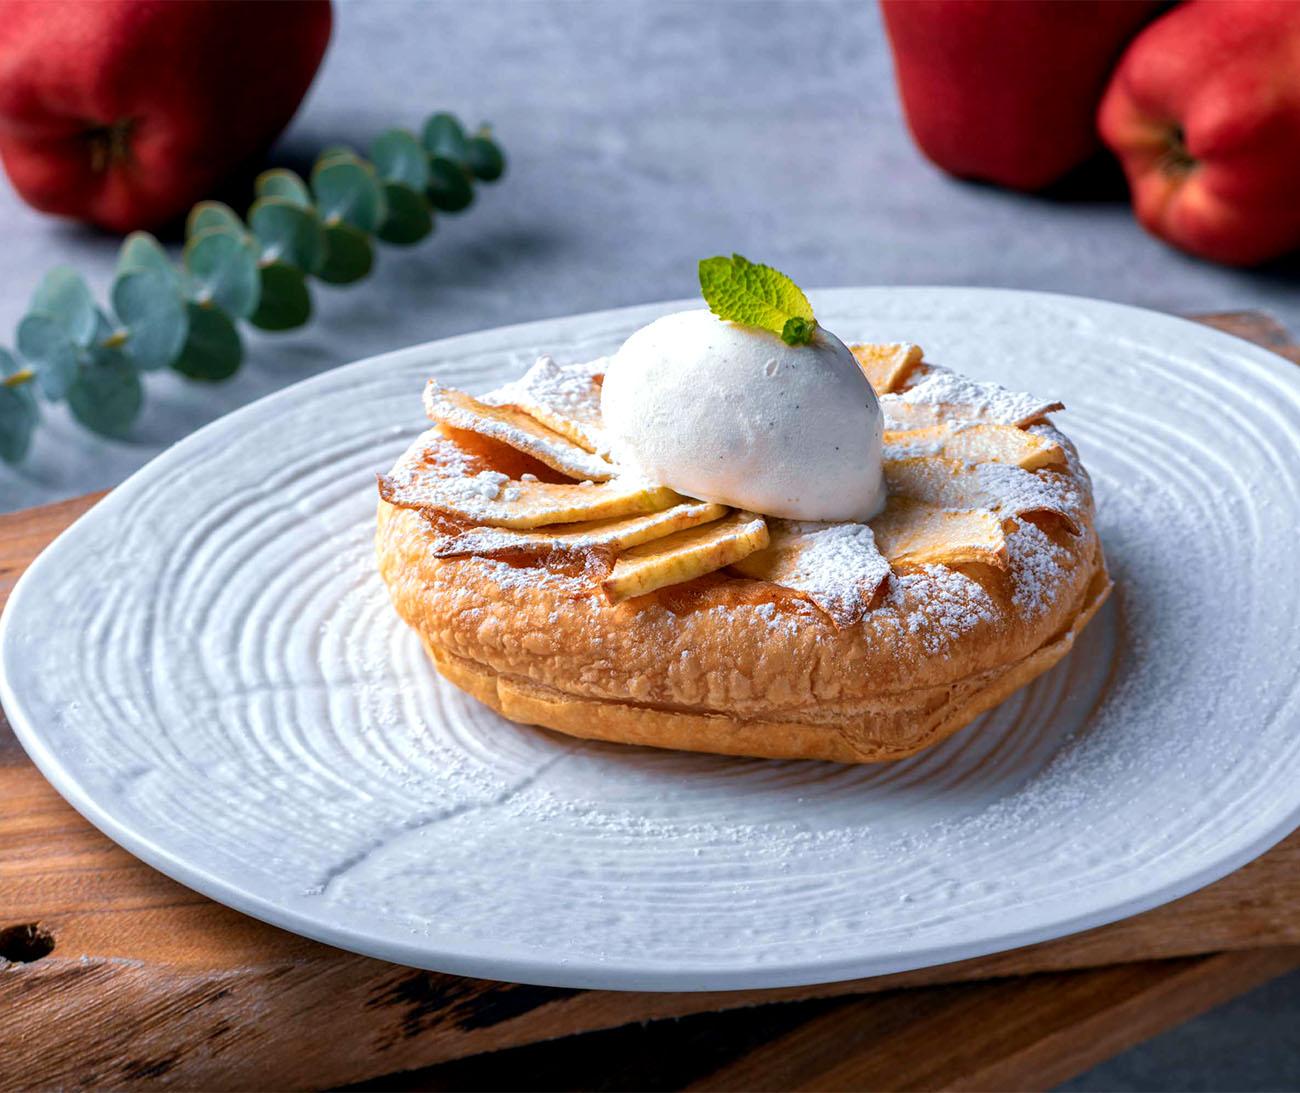 Apple Tart with Madagascar Vanilla Gelato